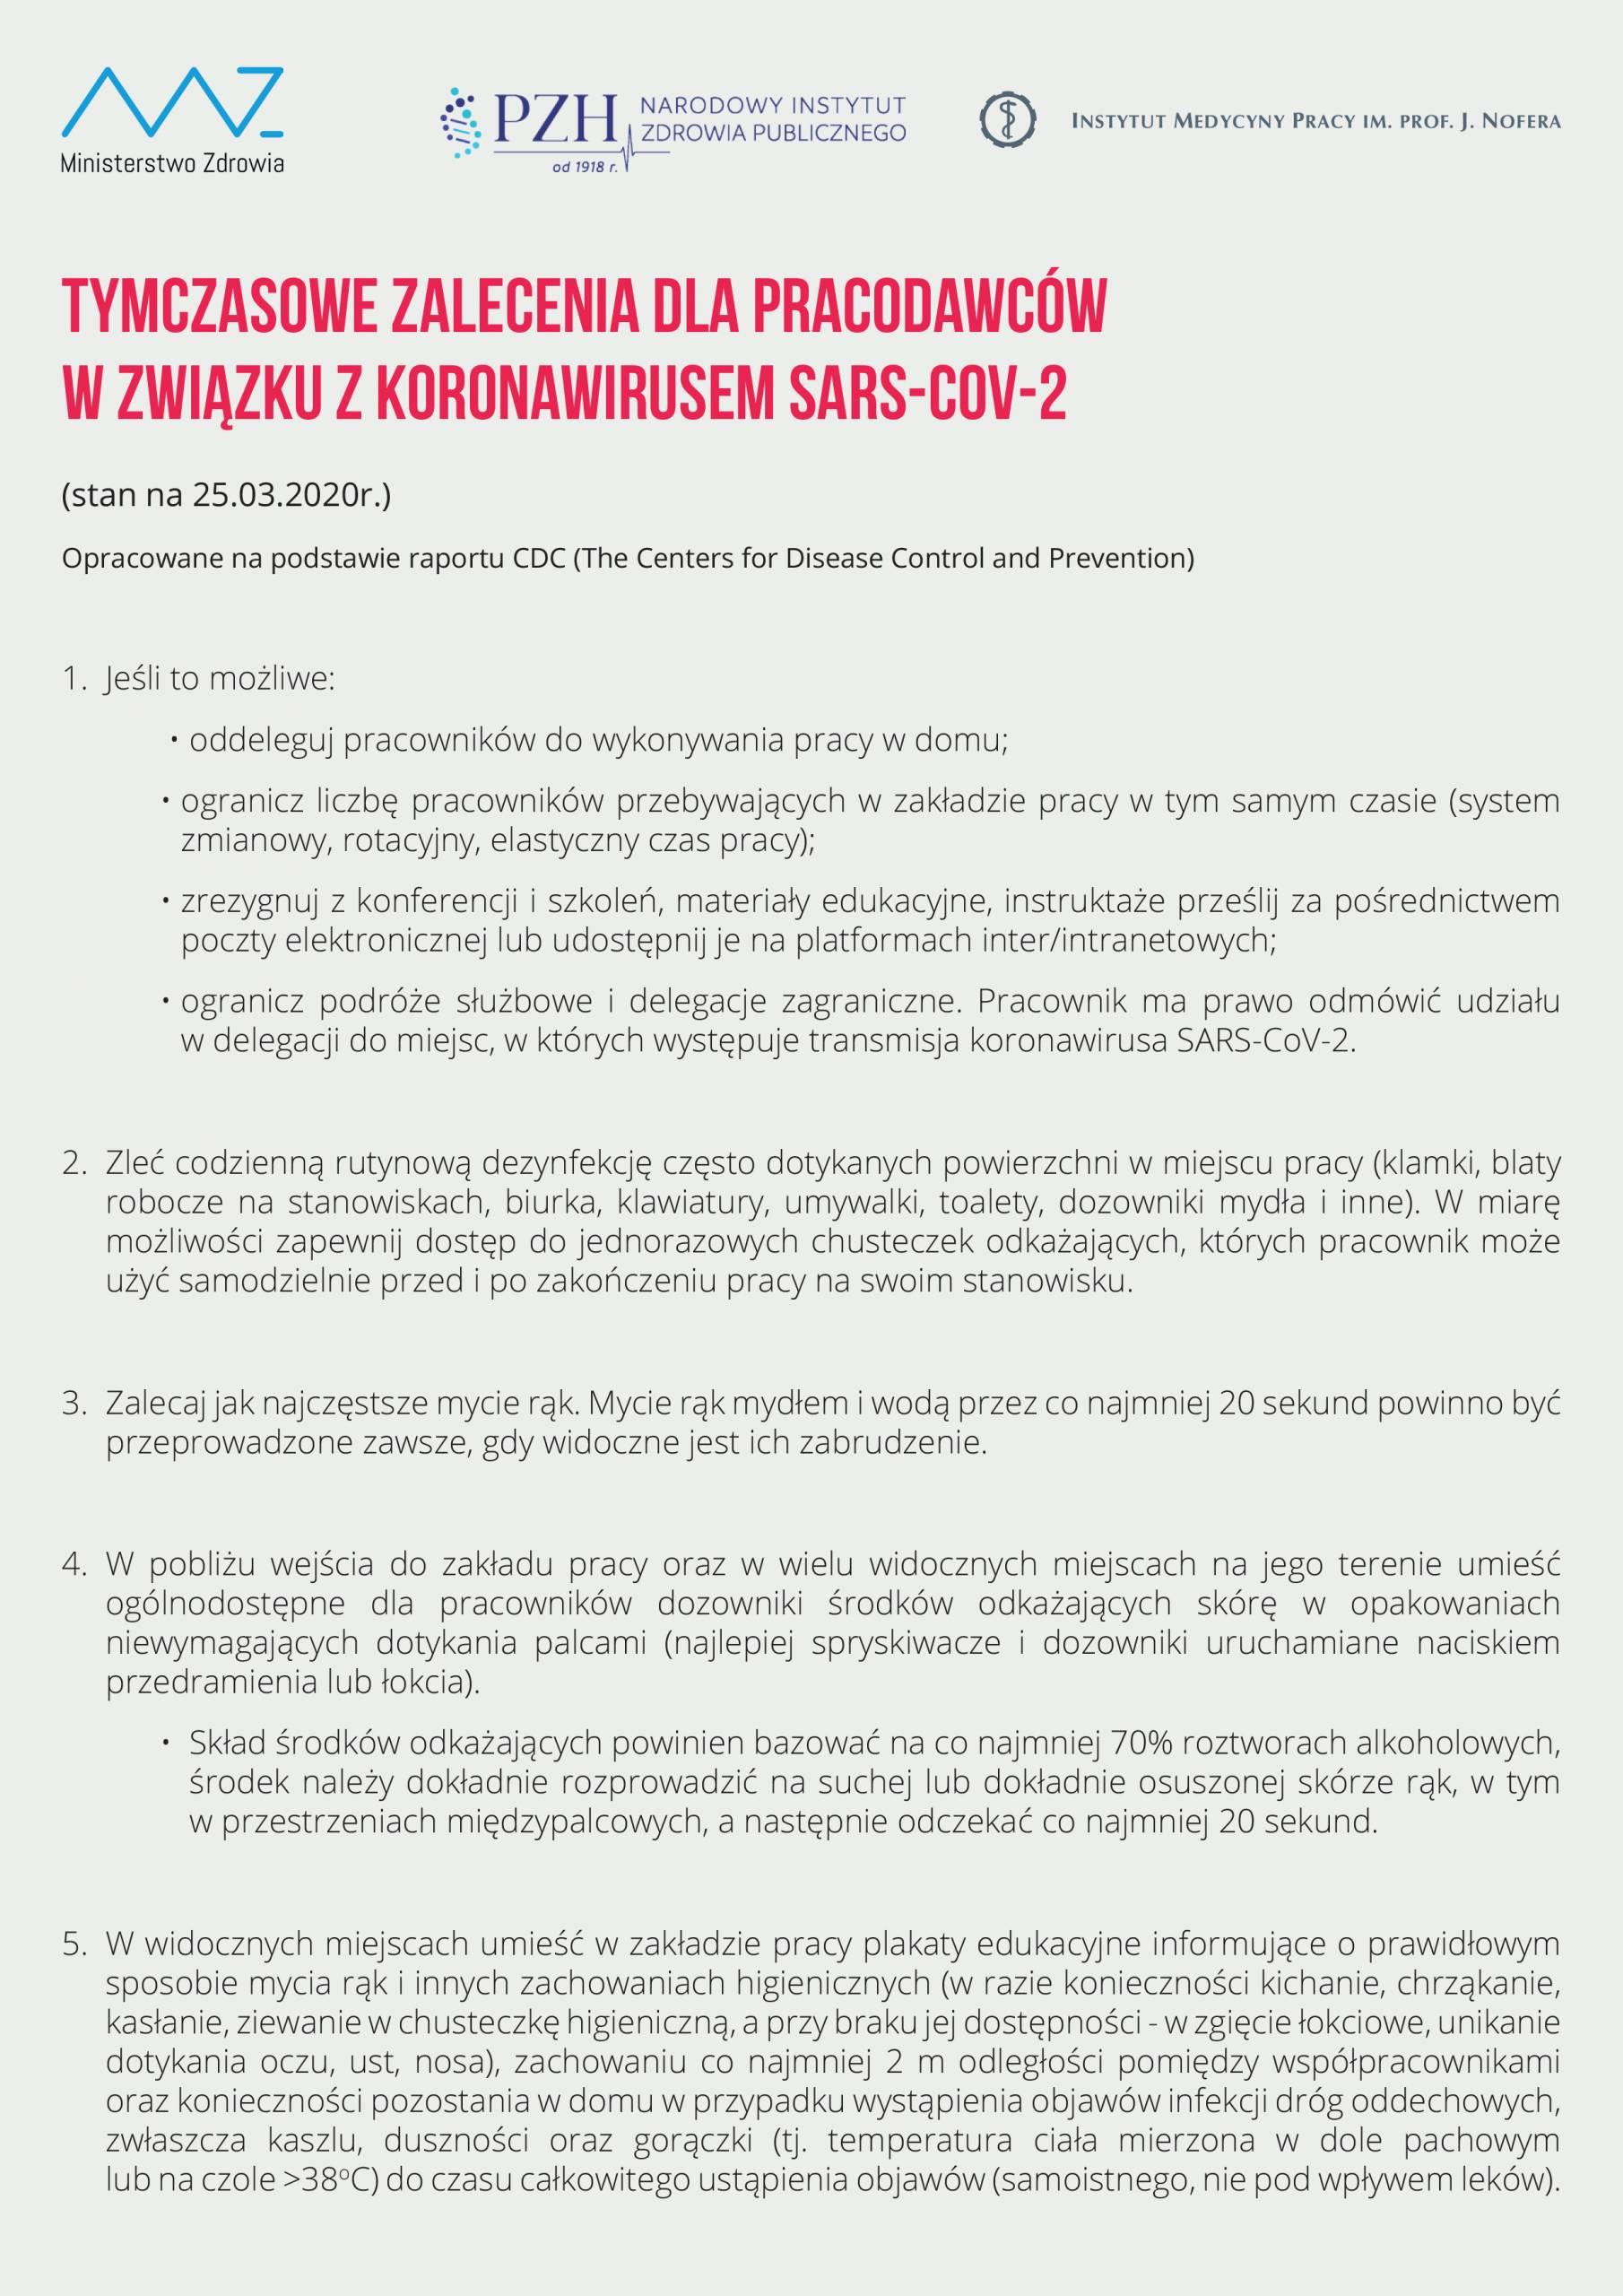 Tymczasowe zalecenia dla pracodawców wzwiązku zkoronawirusem SARS-COV-2